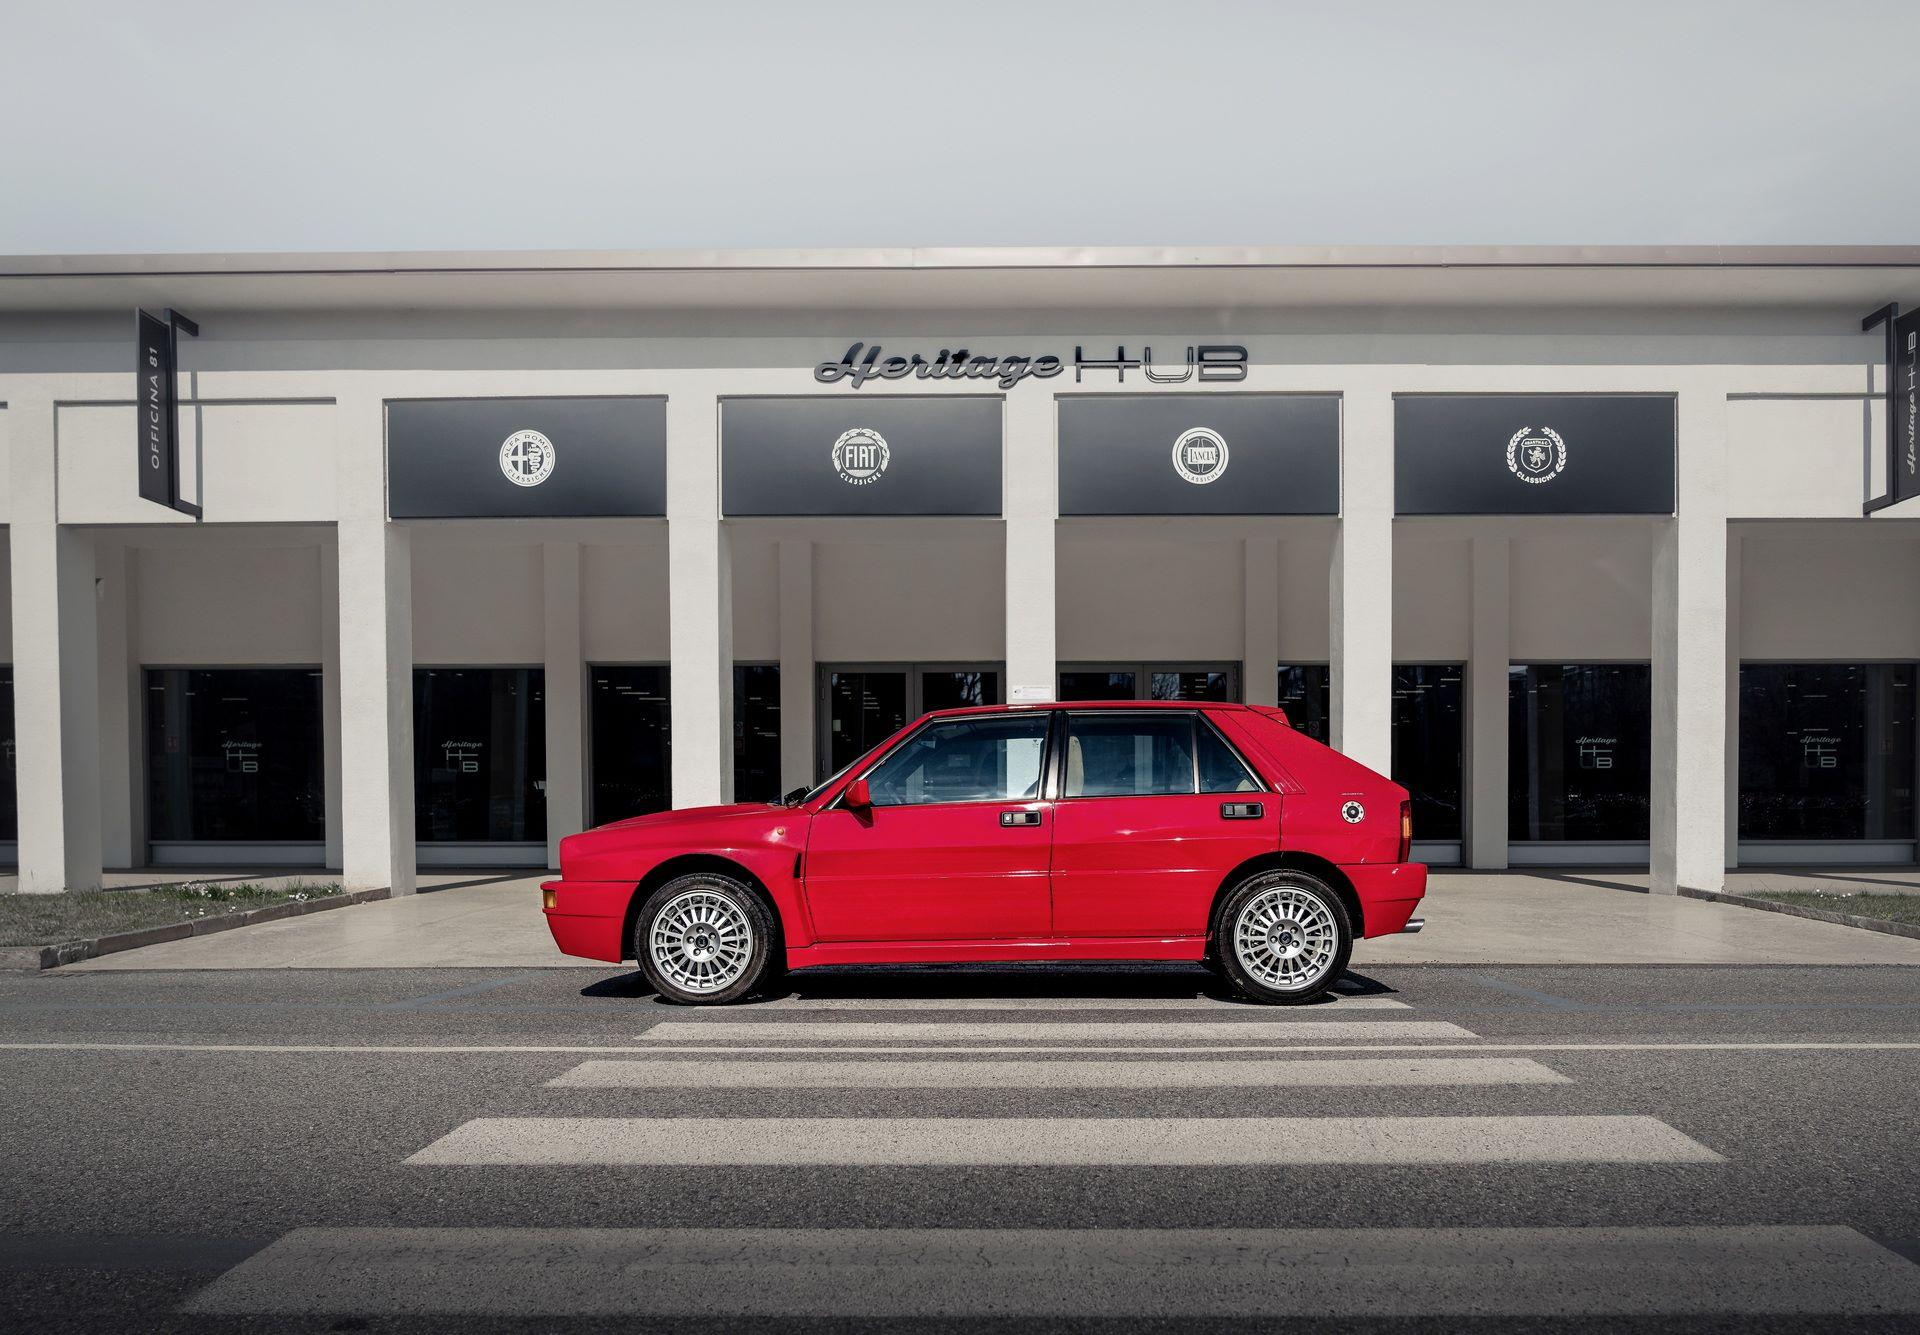 Stellantis-Heritage-Parts-Lancia-Delta-HF-Integrale-Evoluzione-4